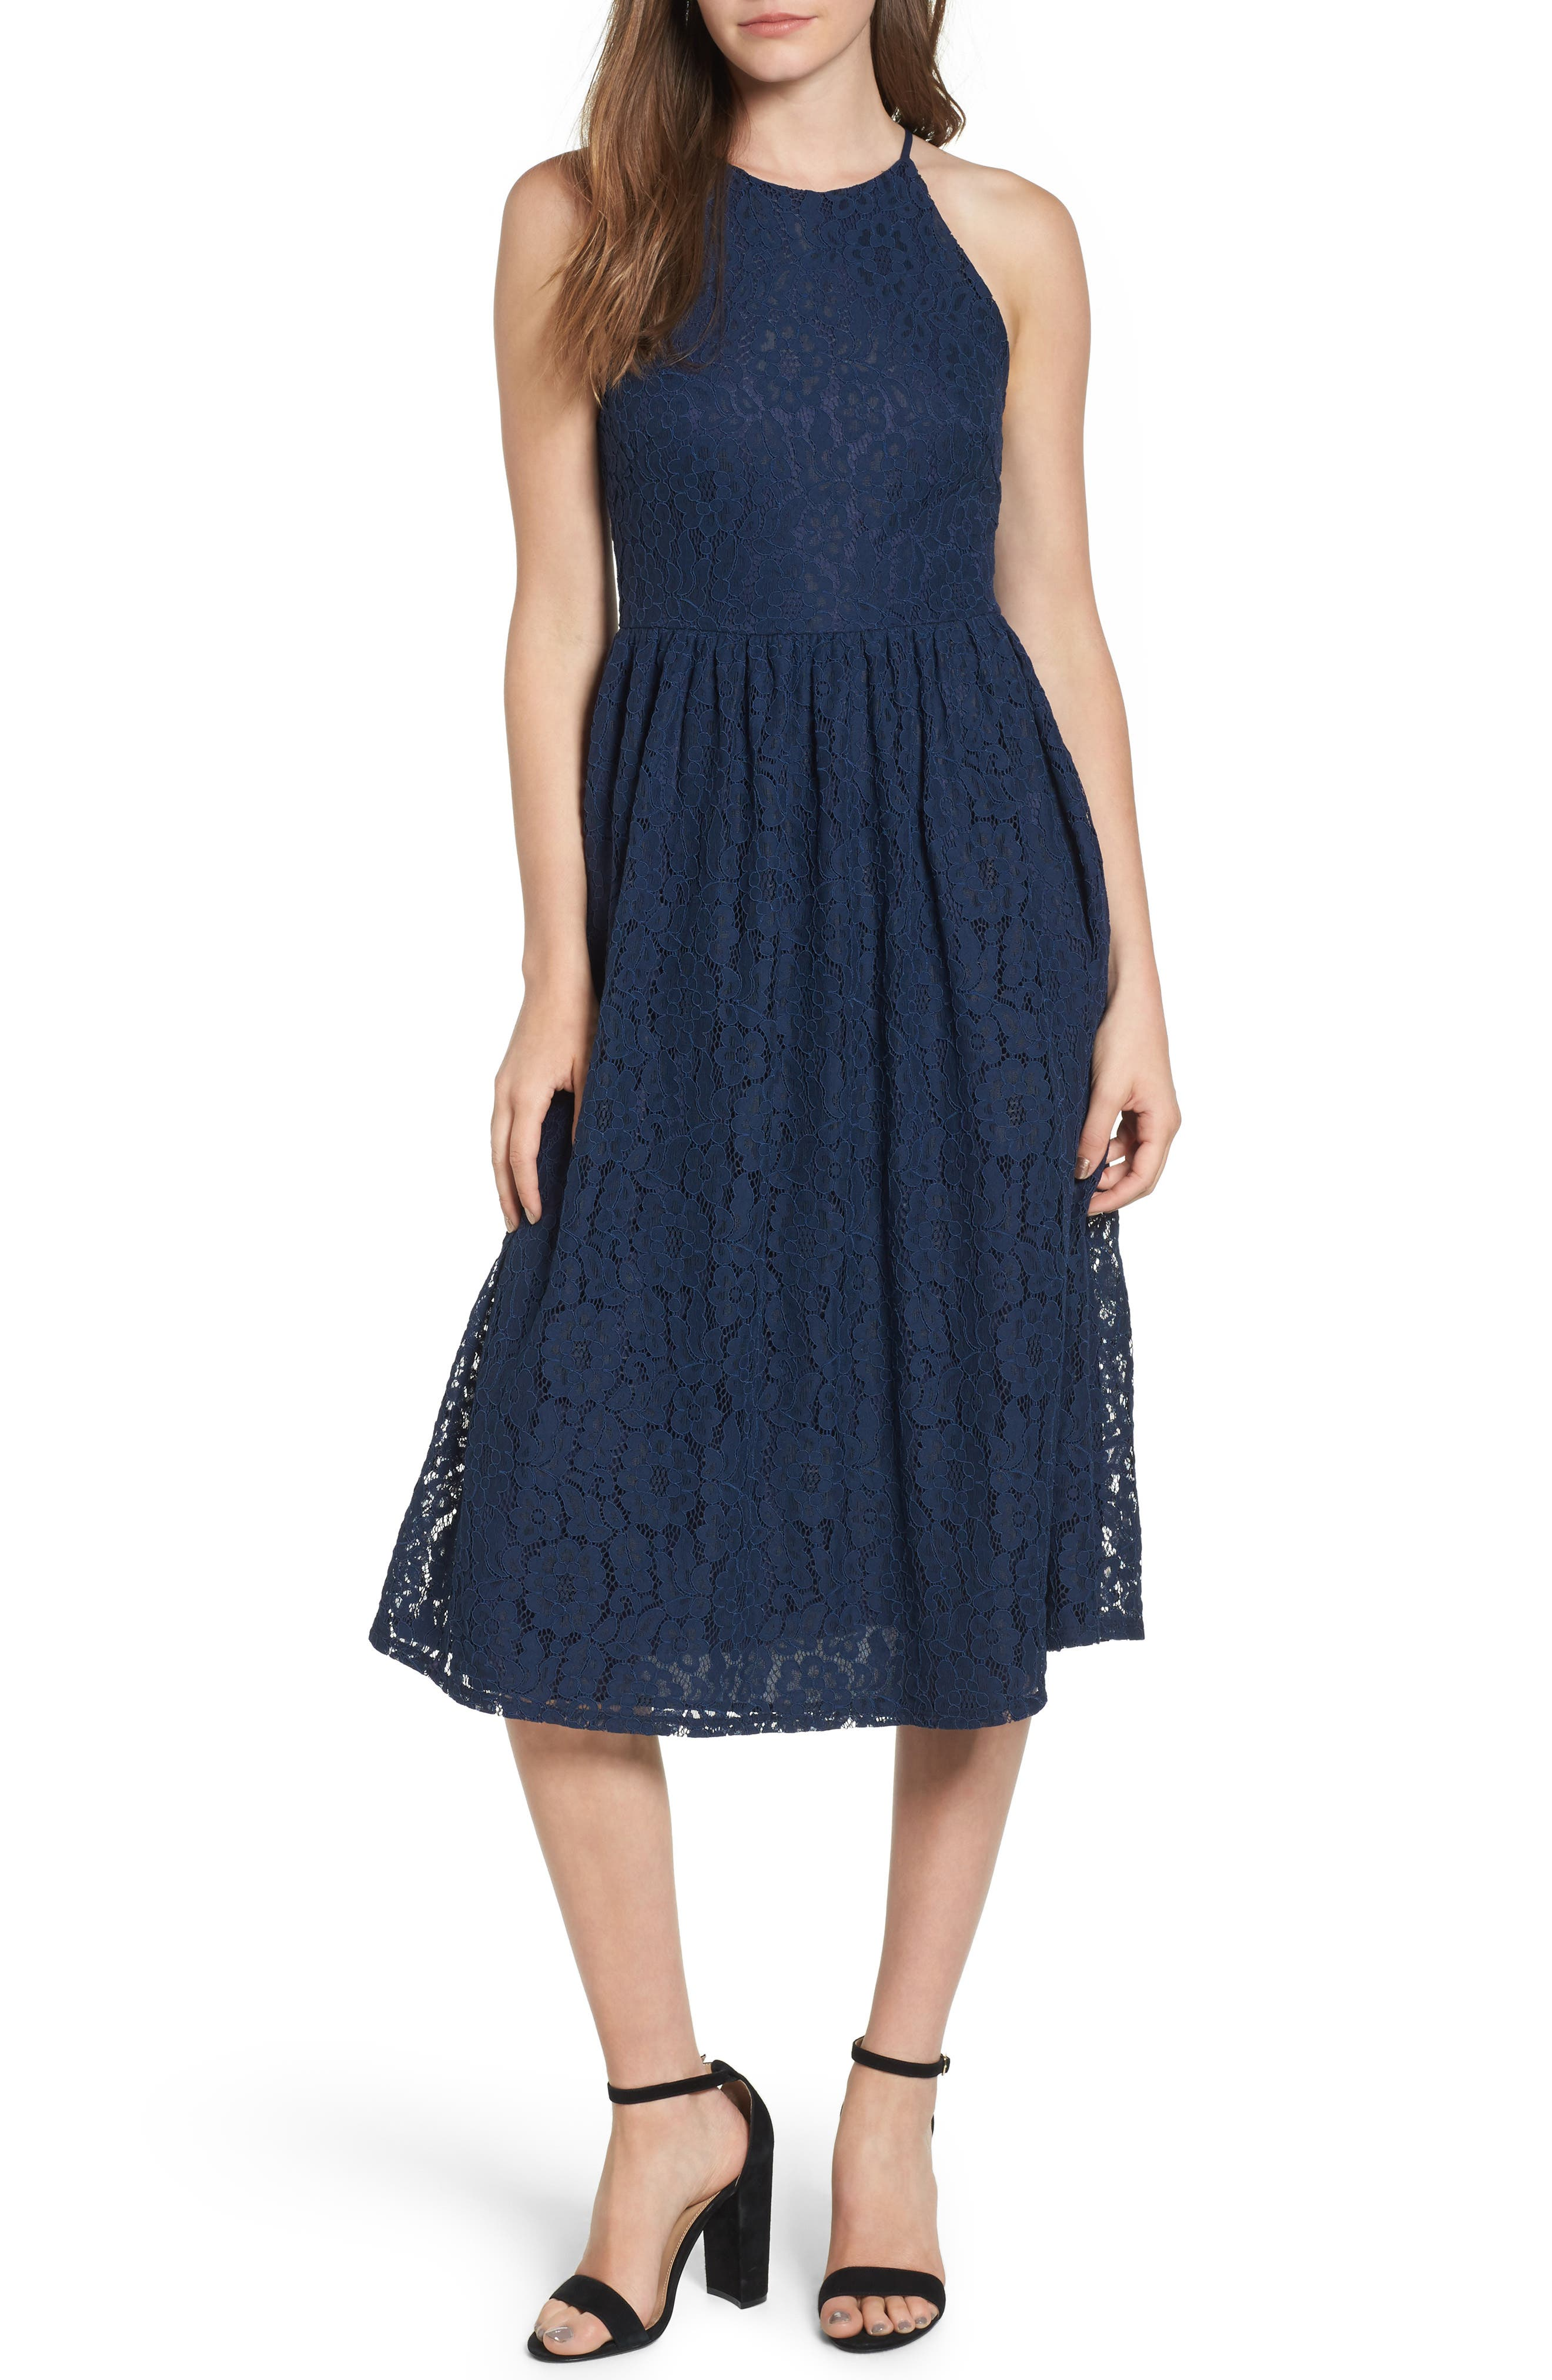 Soprano High Neck Lace Midi Dress